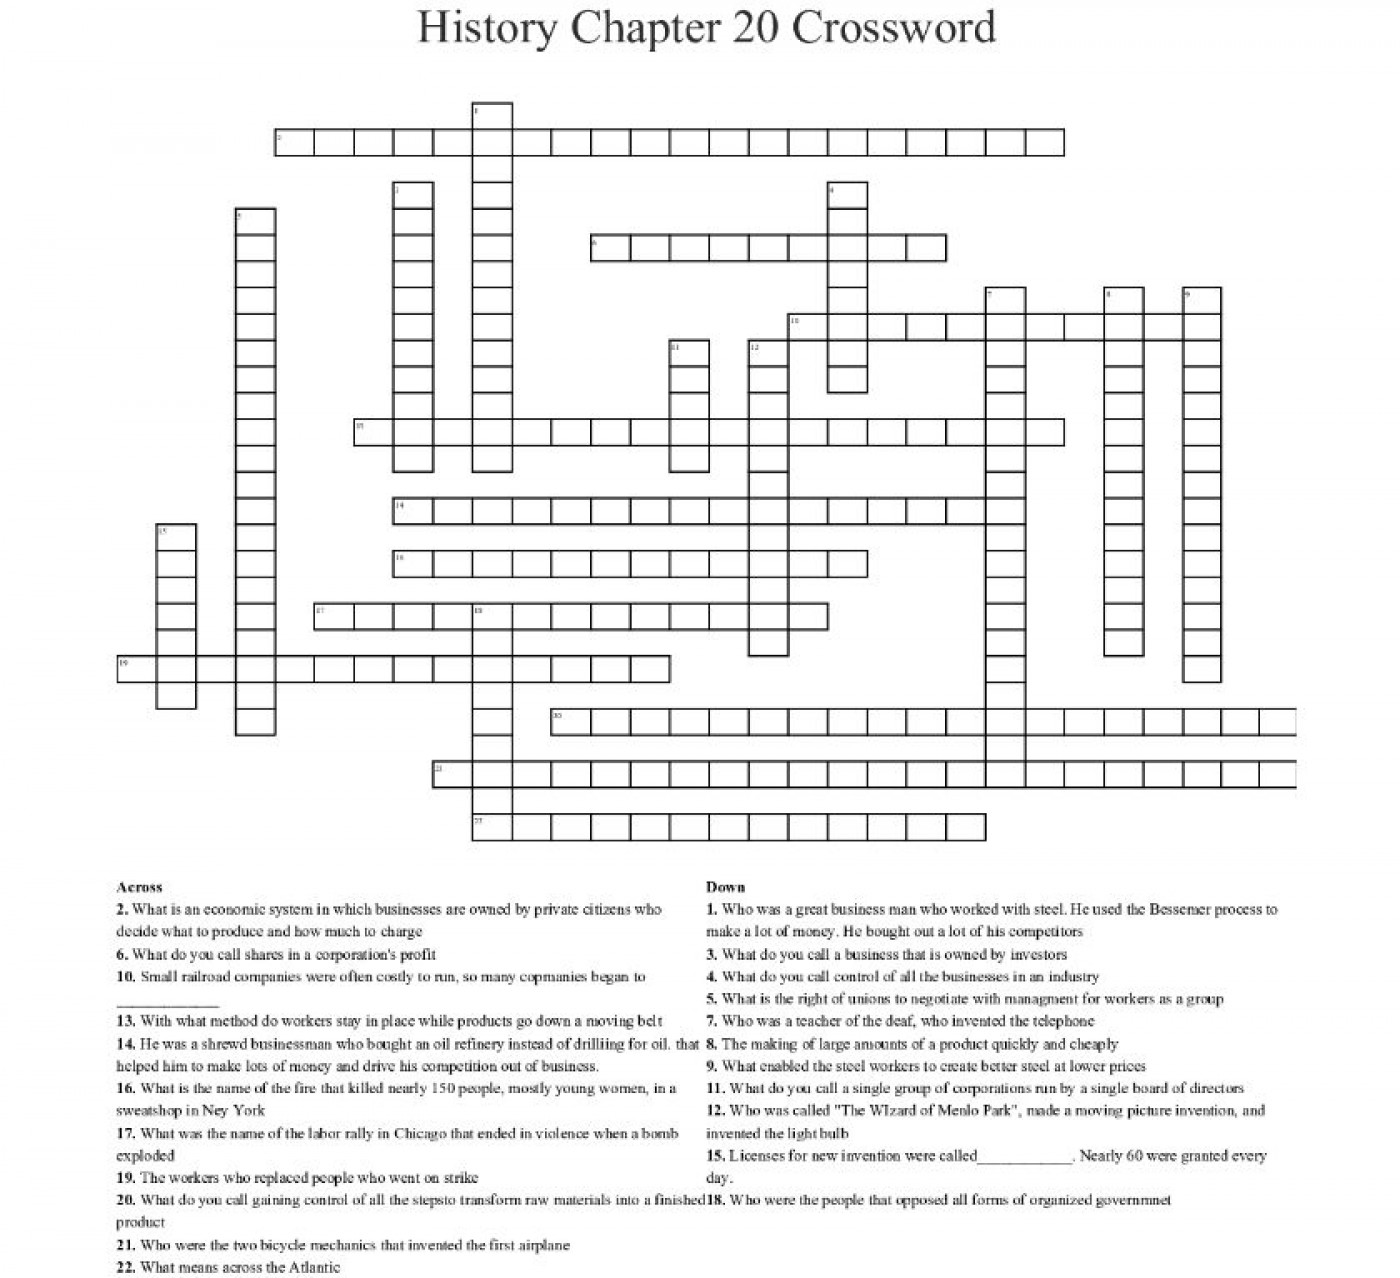 002 Frightening Prosperity Crossword Sample  National Economic Clue Nyt Prosperou 11 Letter 101400